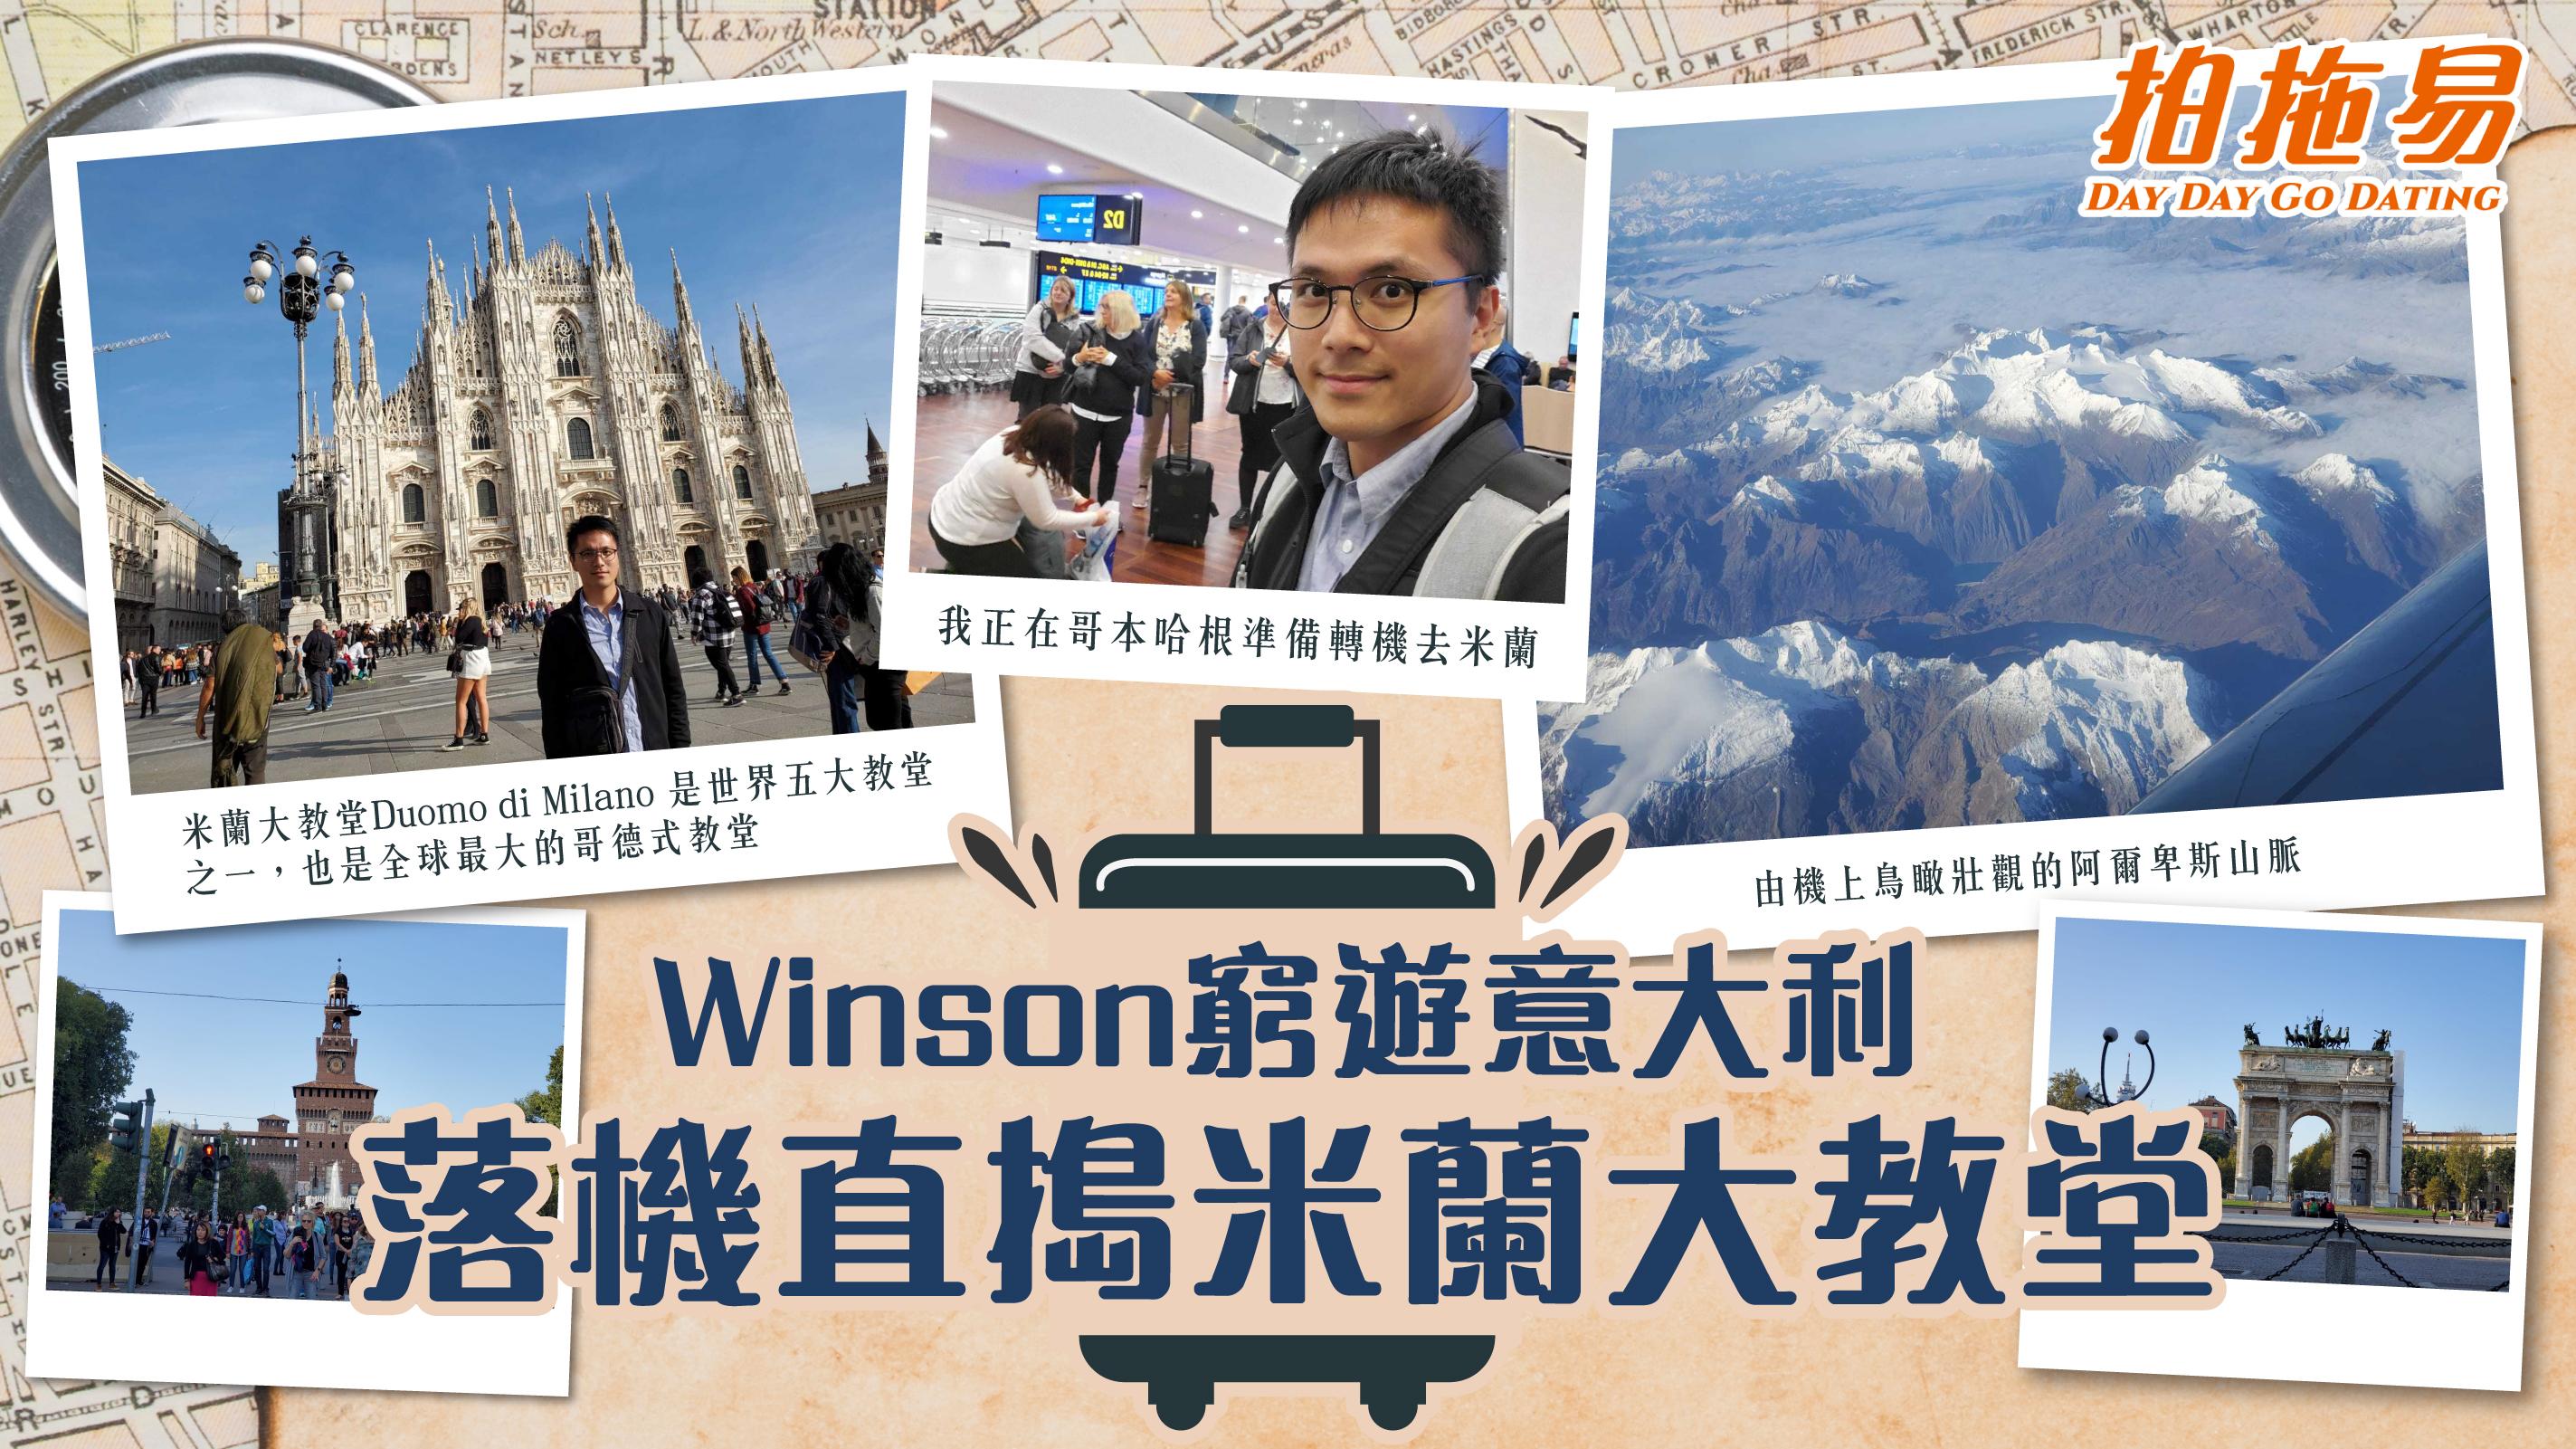 精選交友約會文章: Winson窮遊意大利 落機直搗米蘭